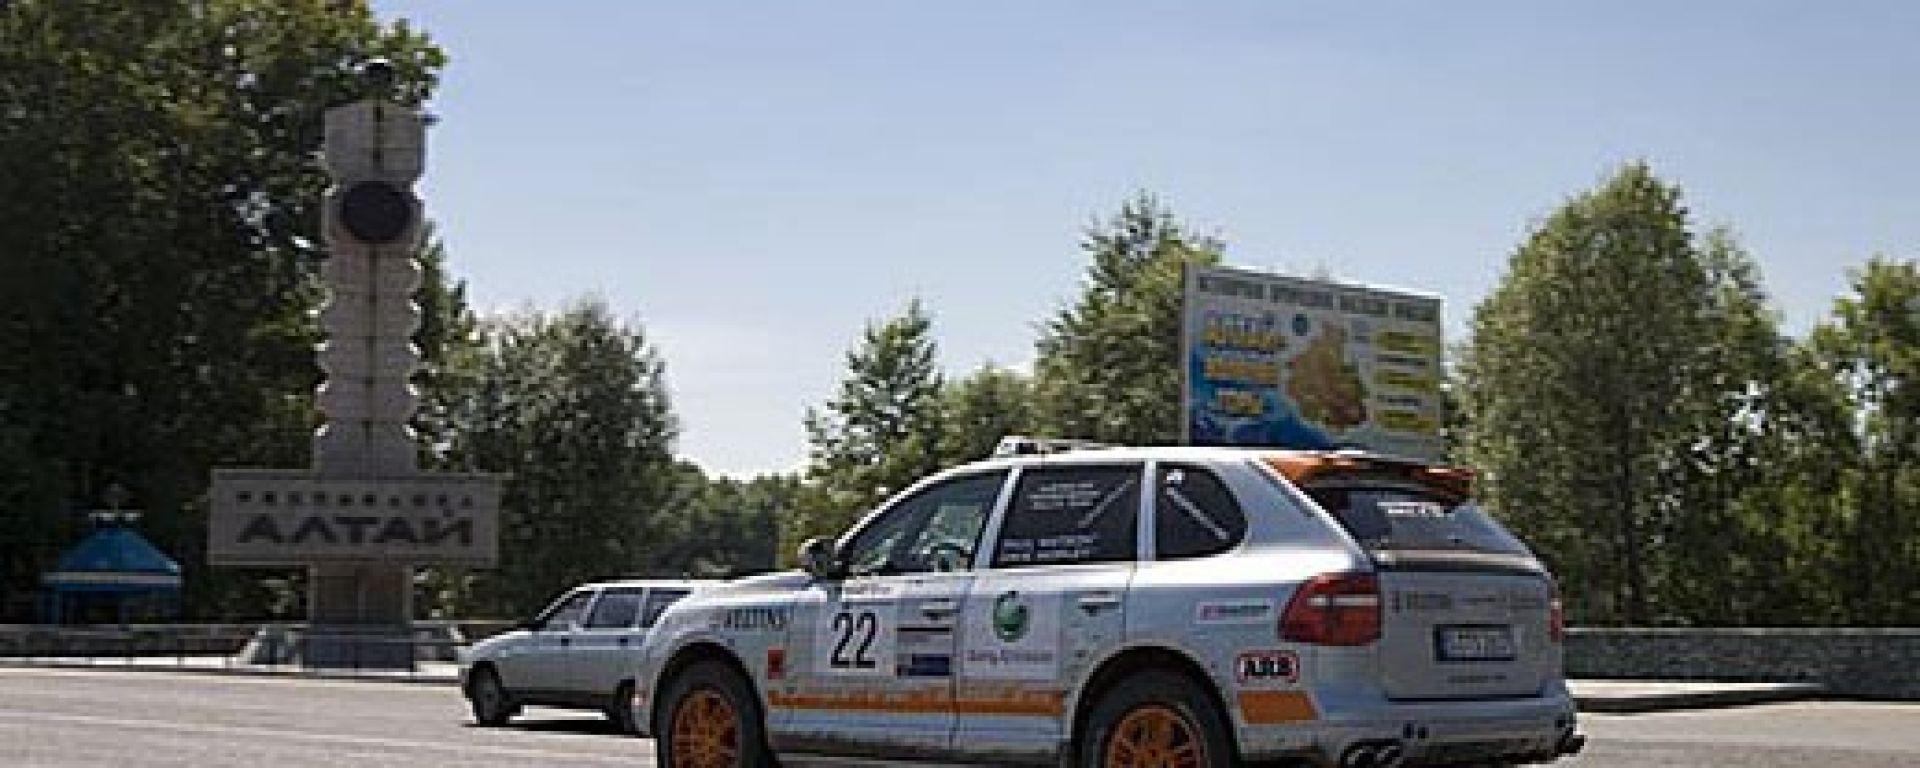 Transsyberia Rally 2008: settima puntata